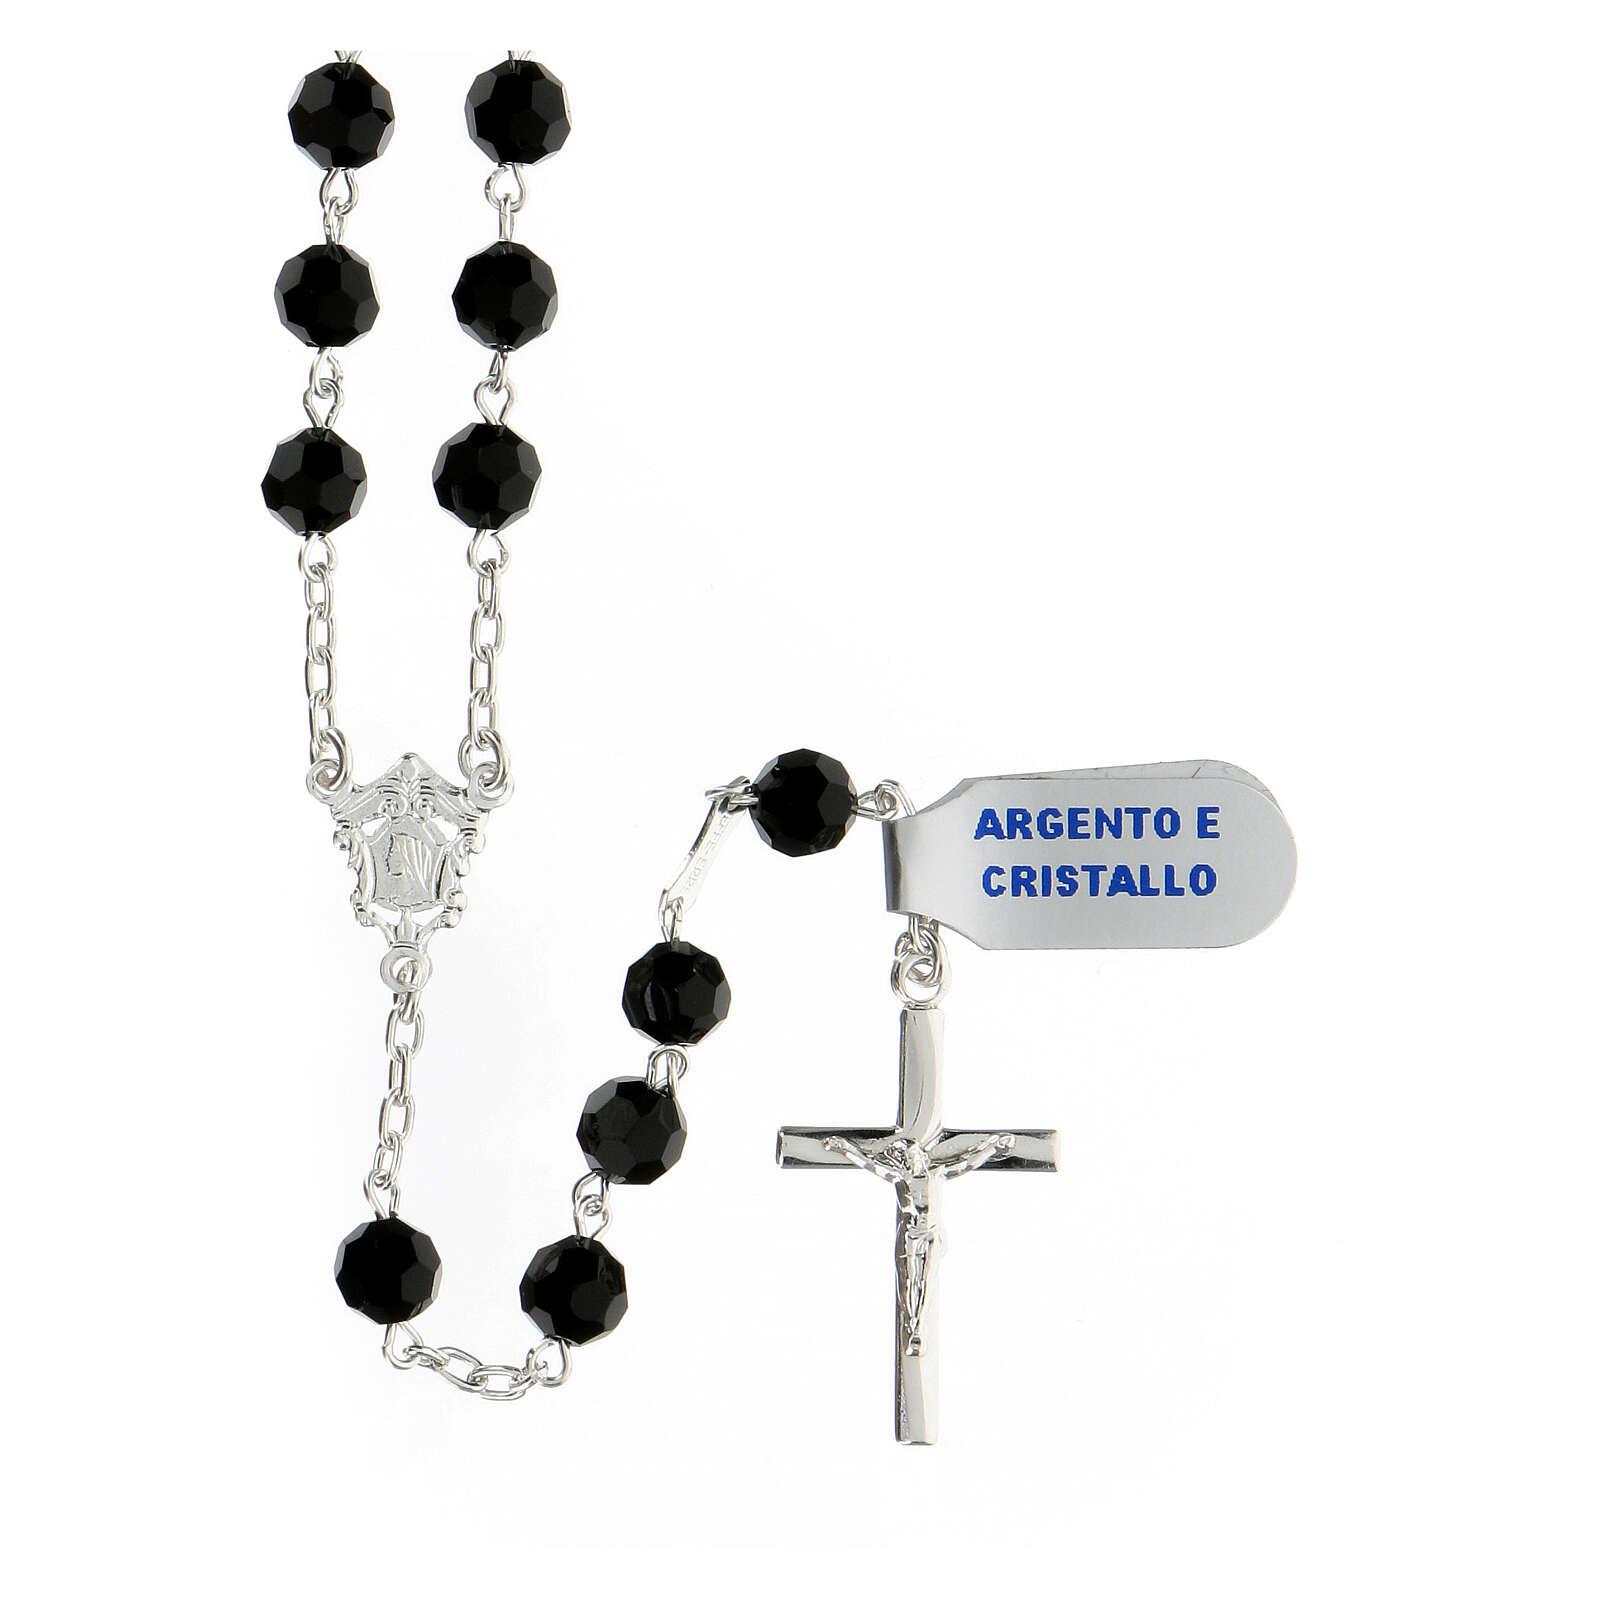 Rosario argento 925 grani cristallo 6 mm neri croce moderna 4